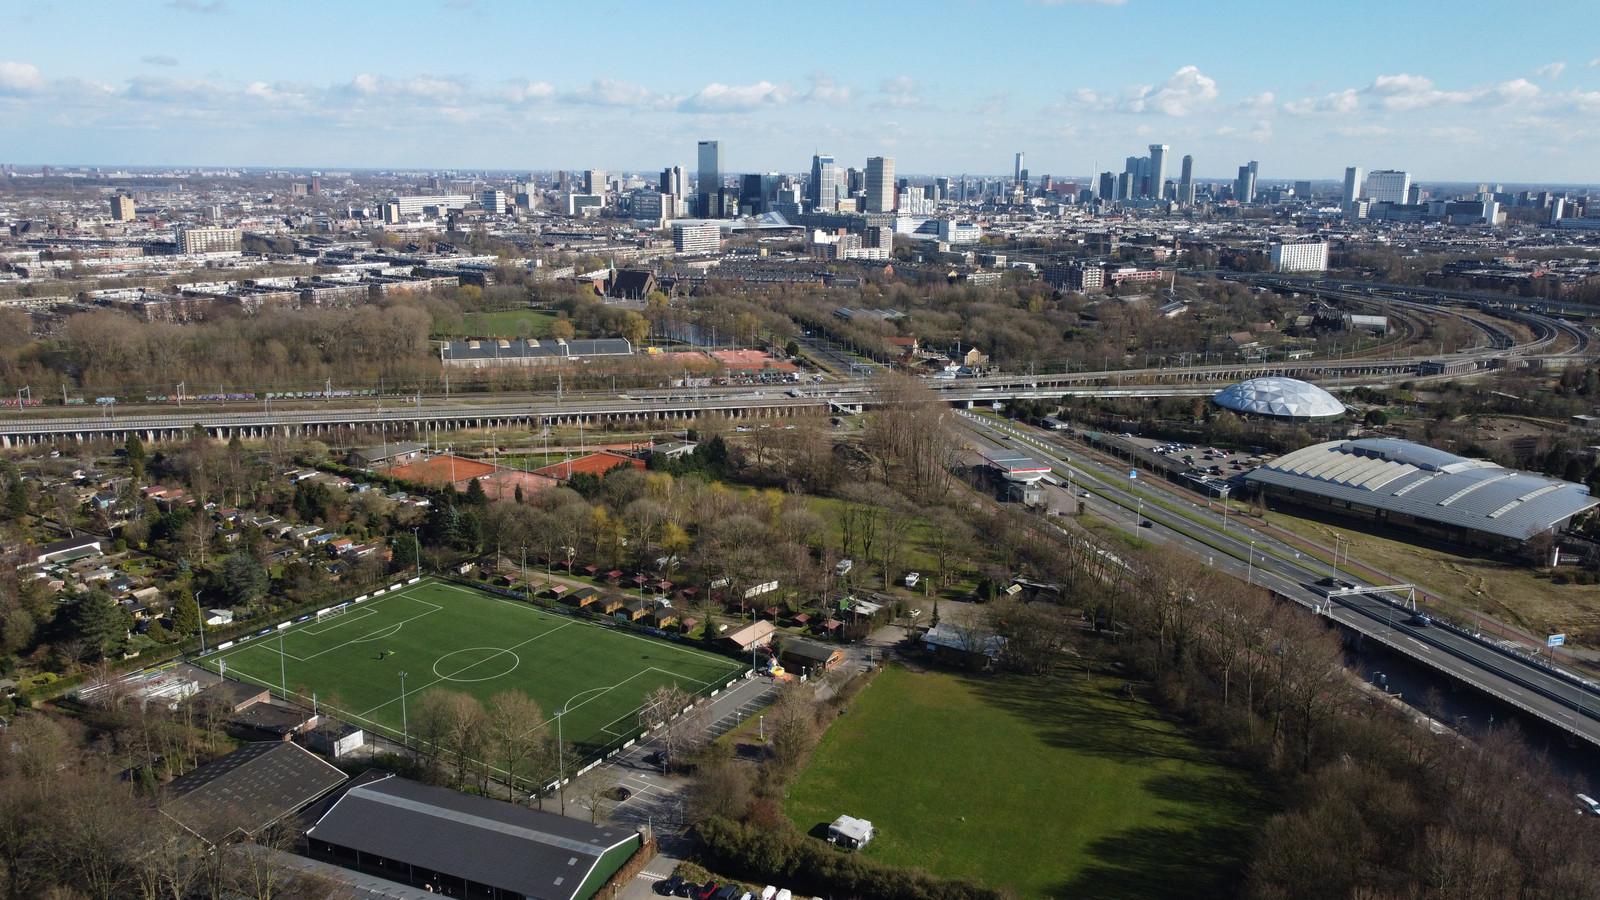 Voetbalclub Steeds Hooger is omzoomd door volkstuinen, een manege en de Stadscamping.